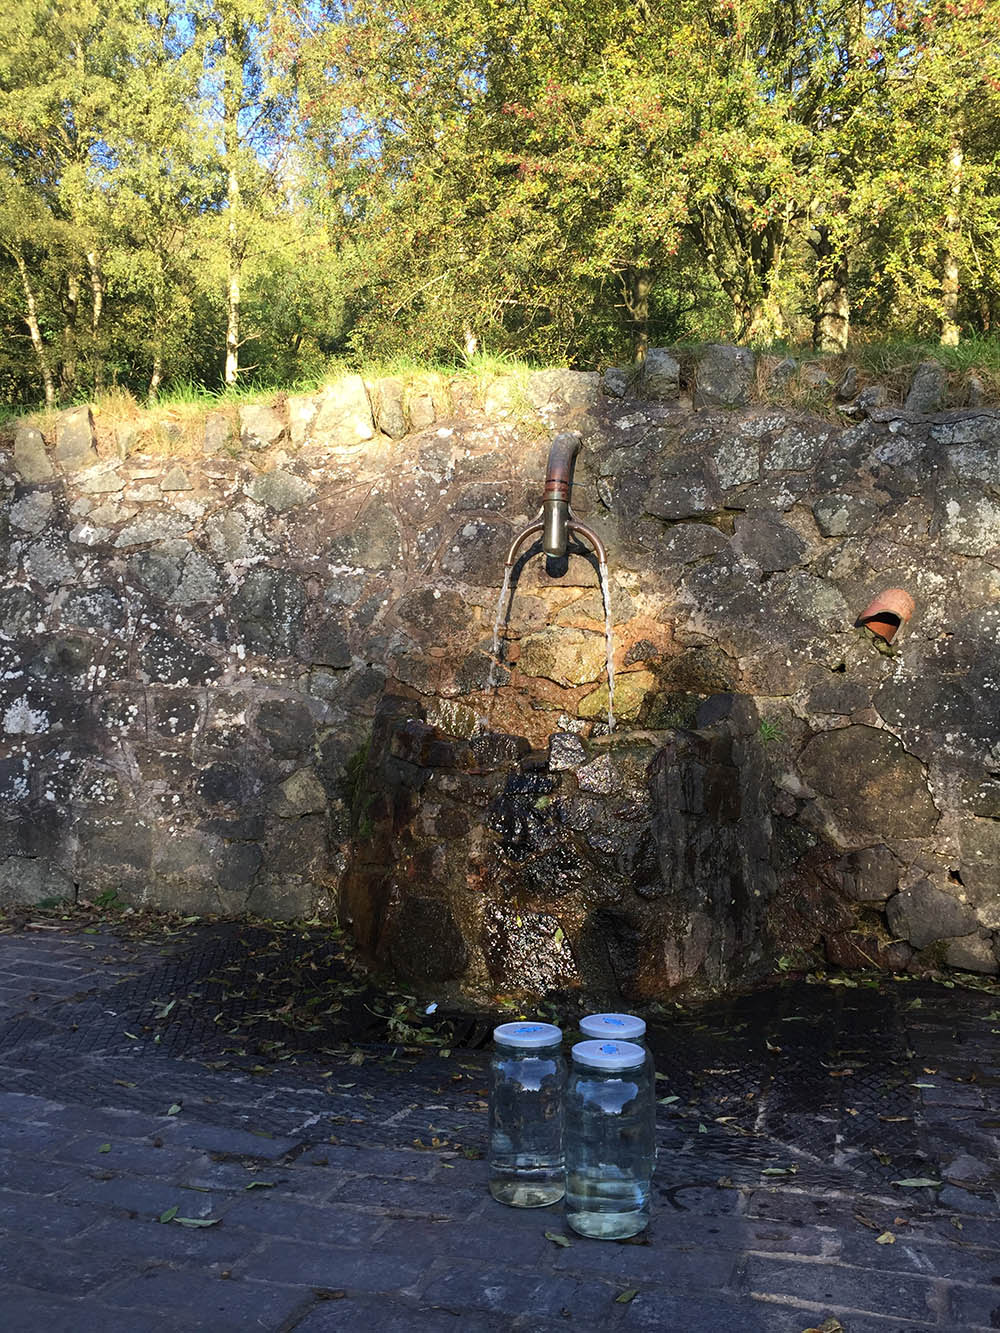 The Malvern Springs